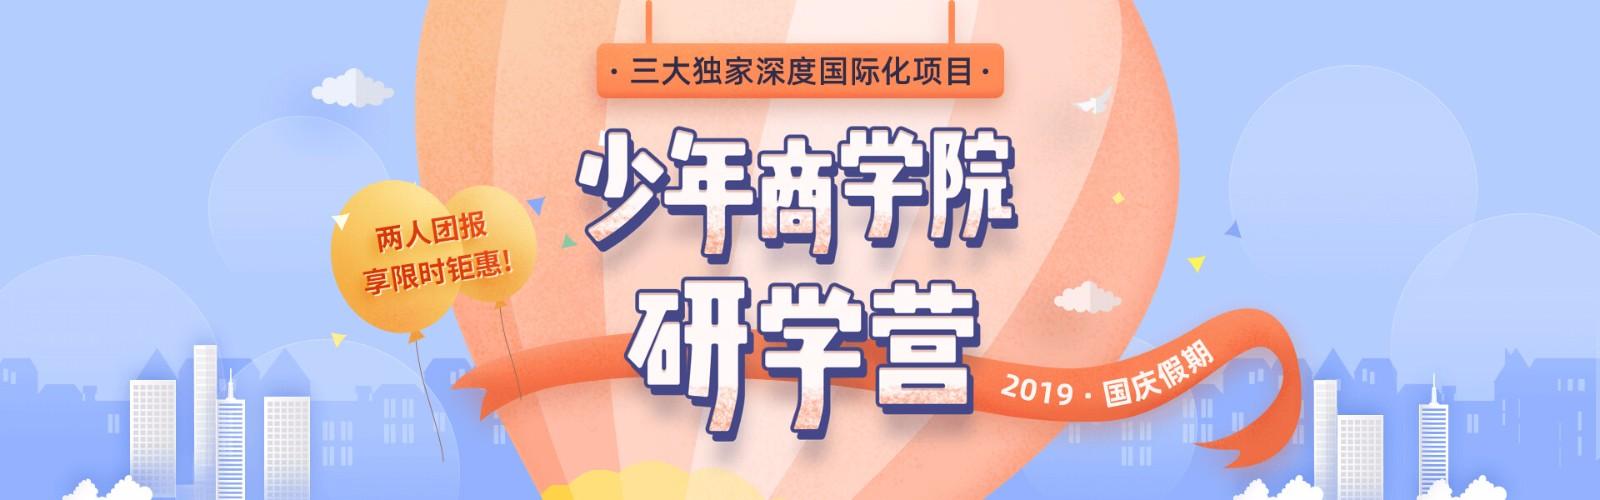 2019国庆三大研学营-团报